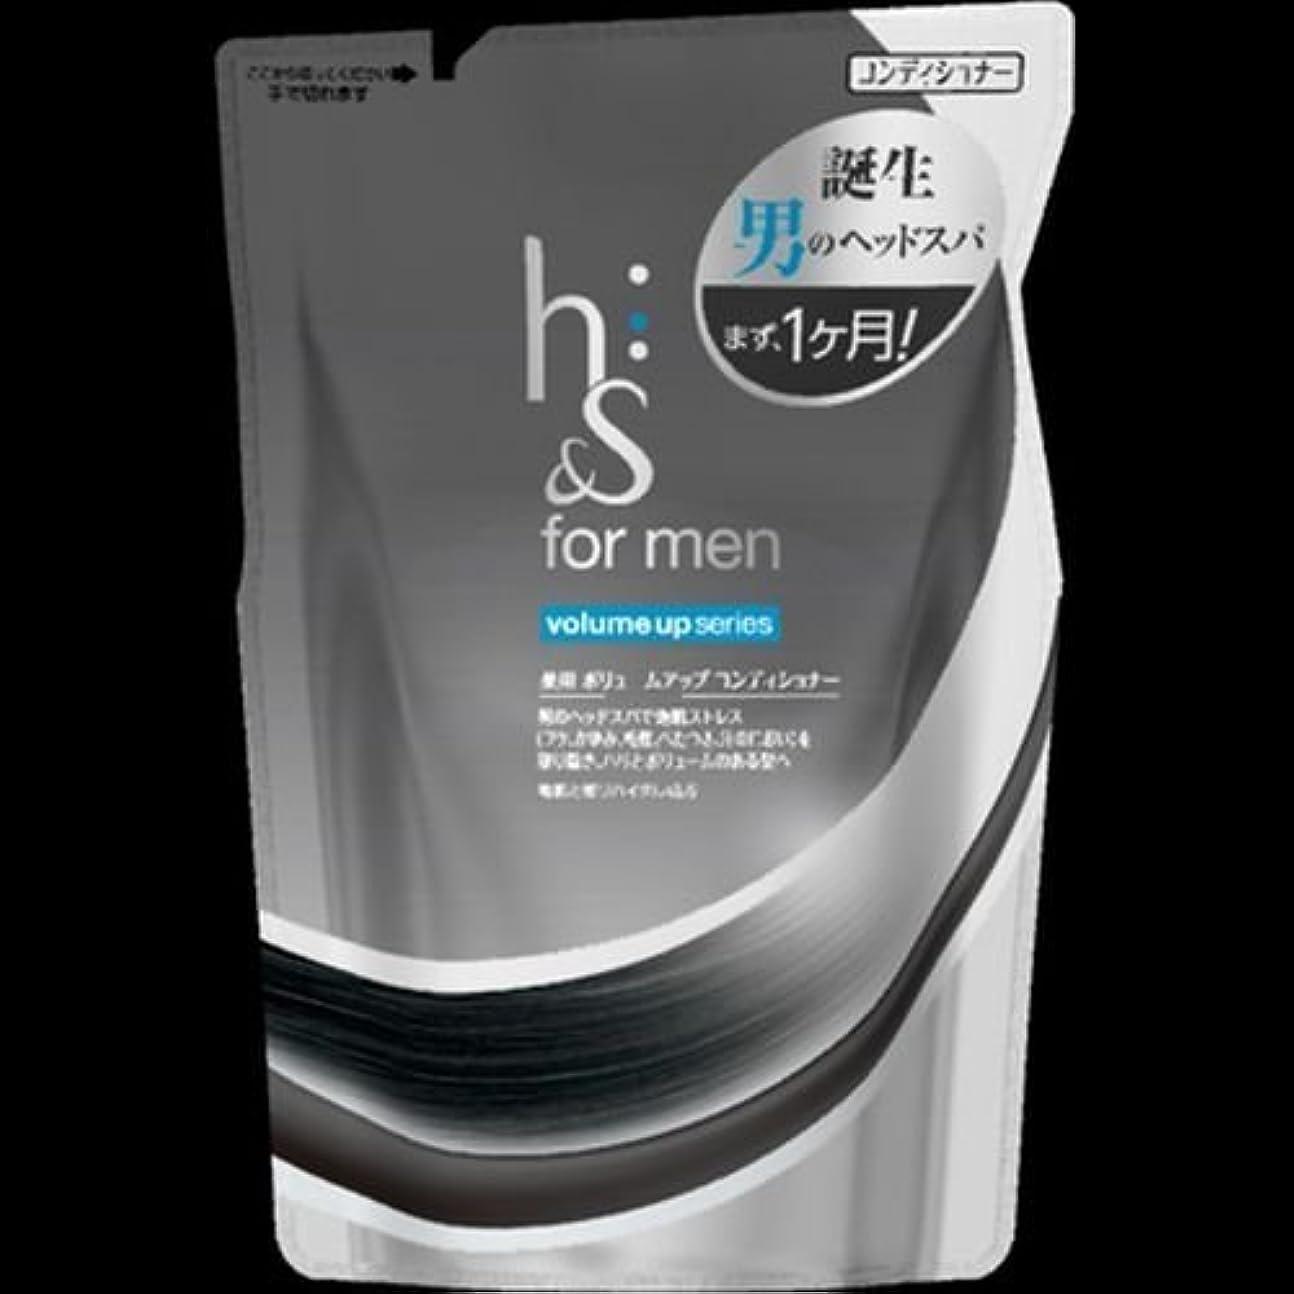 首謀者推進、動かすドル【まとめ買い】h&s for men ボリュームアップコンディショナー つめかえ 340g ×2セット